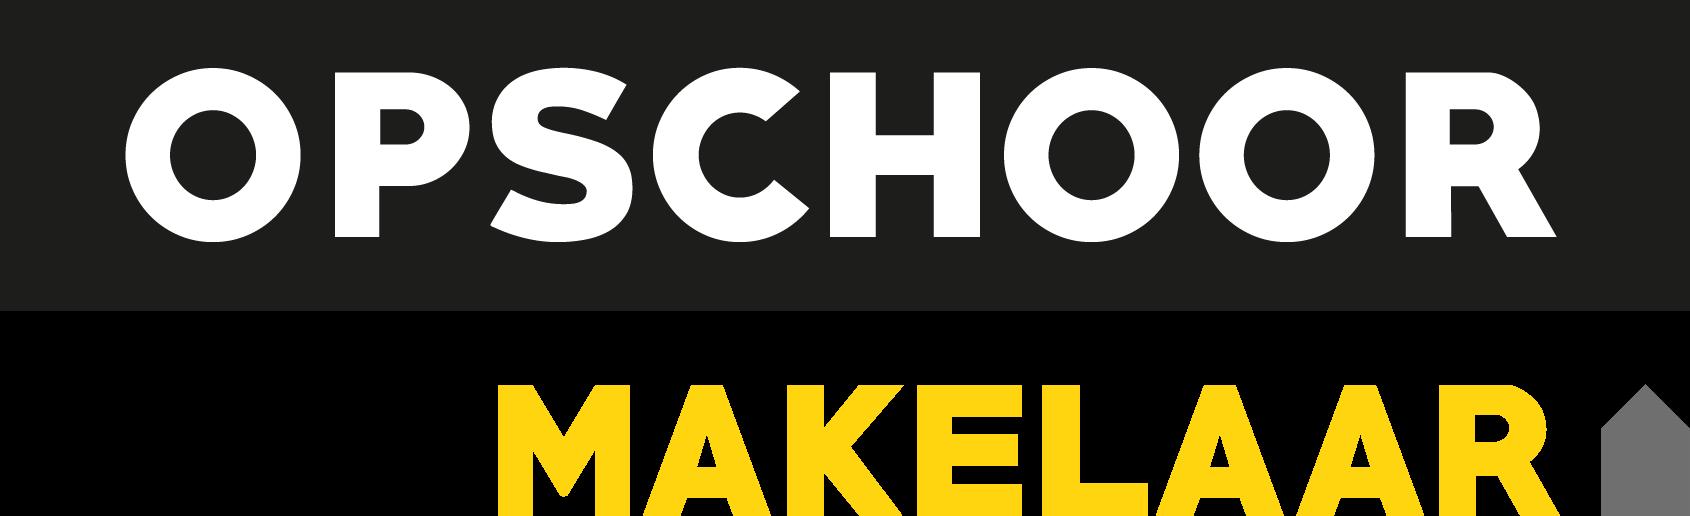 Logo Opschoor Makelaar